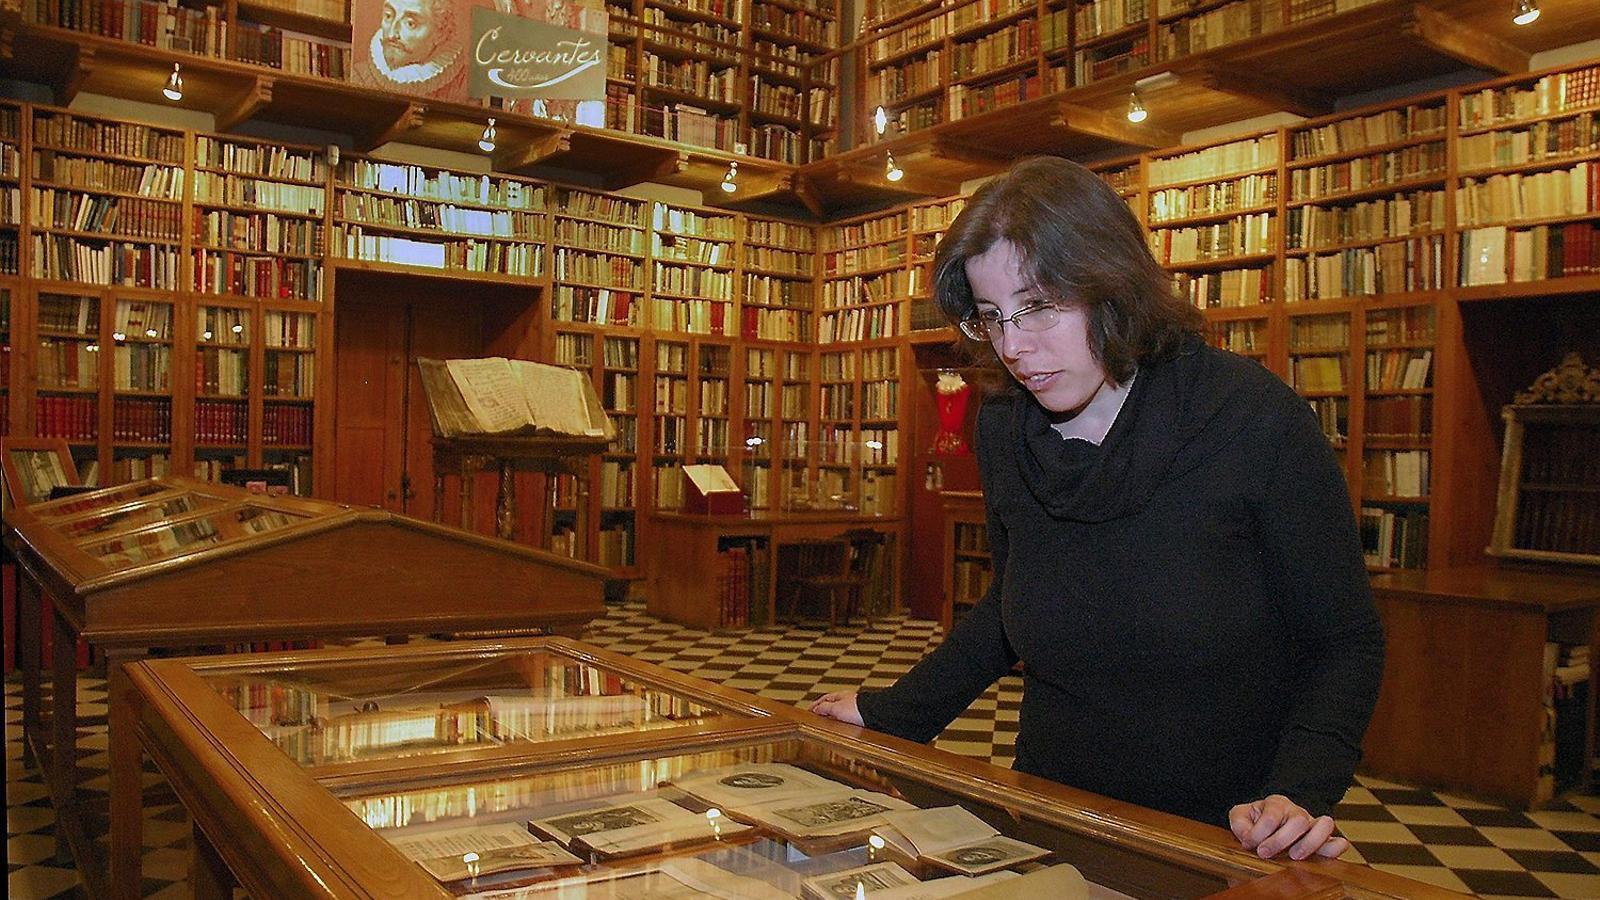 El fons cervantí de Miquel Mateu reuneix uns 5.000 volums, un miler dels quals són edicions d'El Quixot en diverses llengües. / JORDI CARRERAS